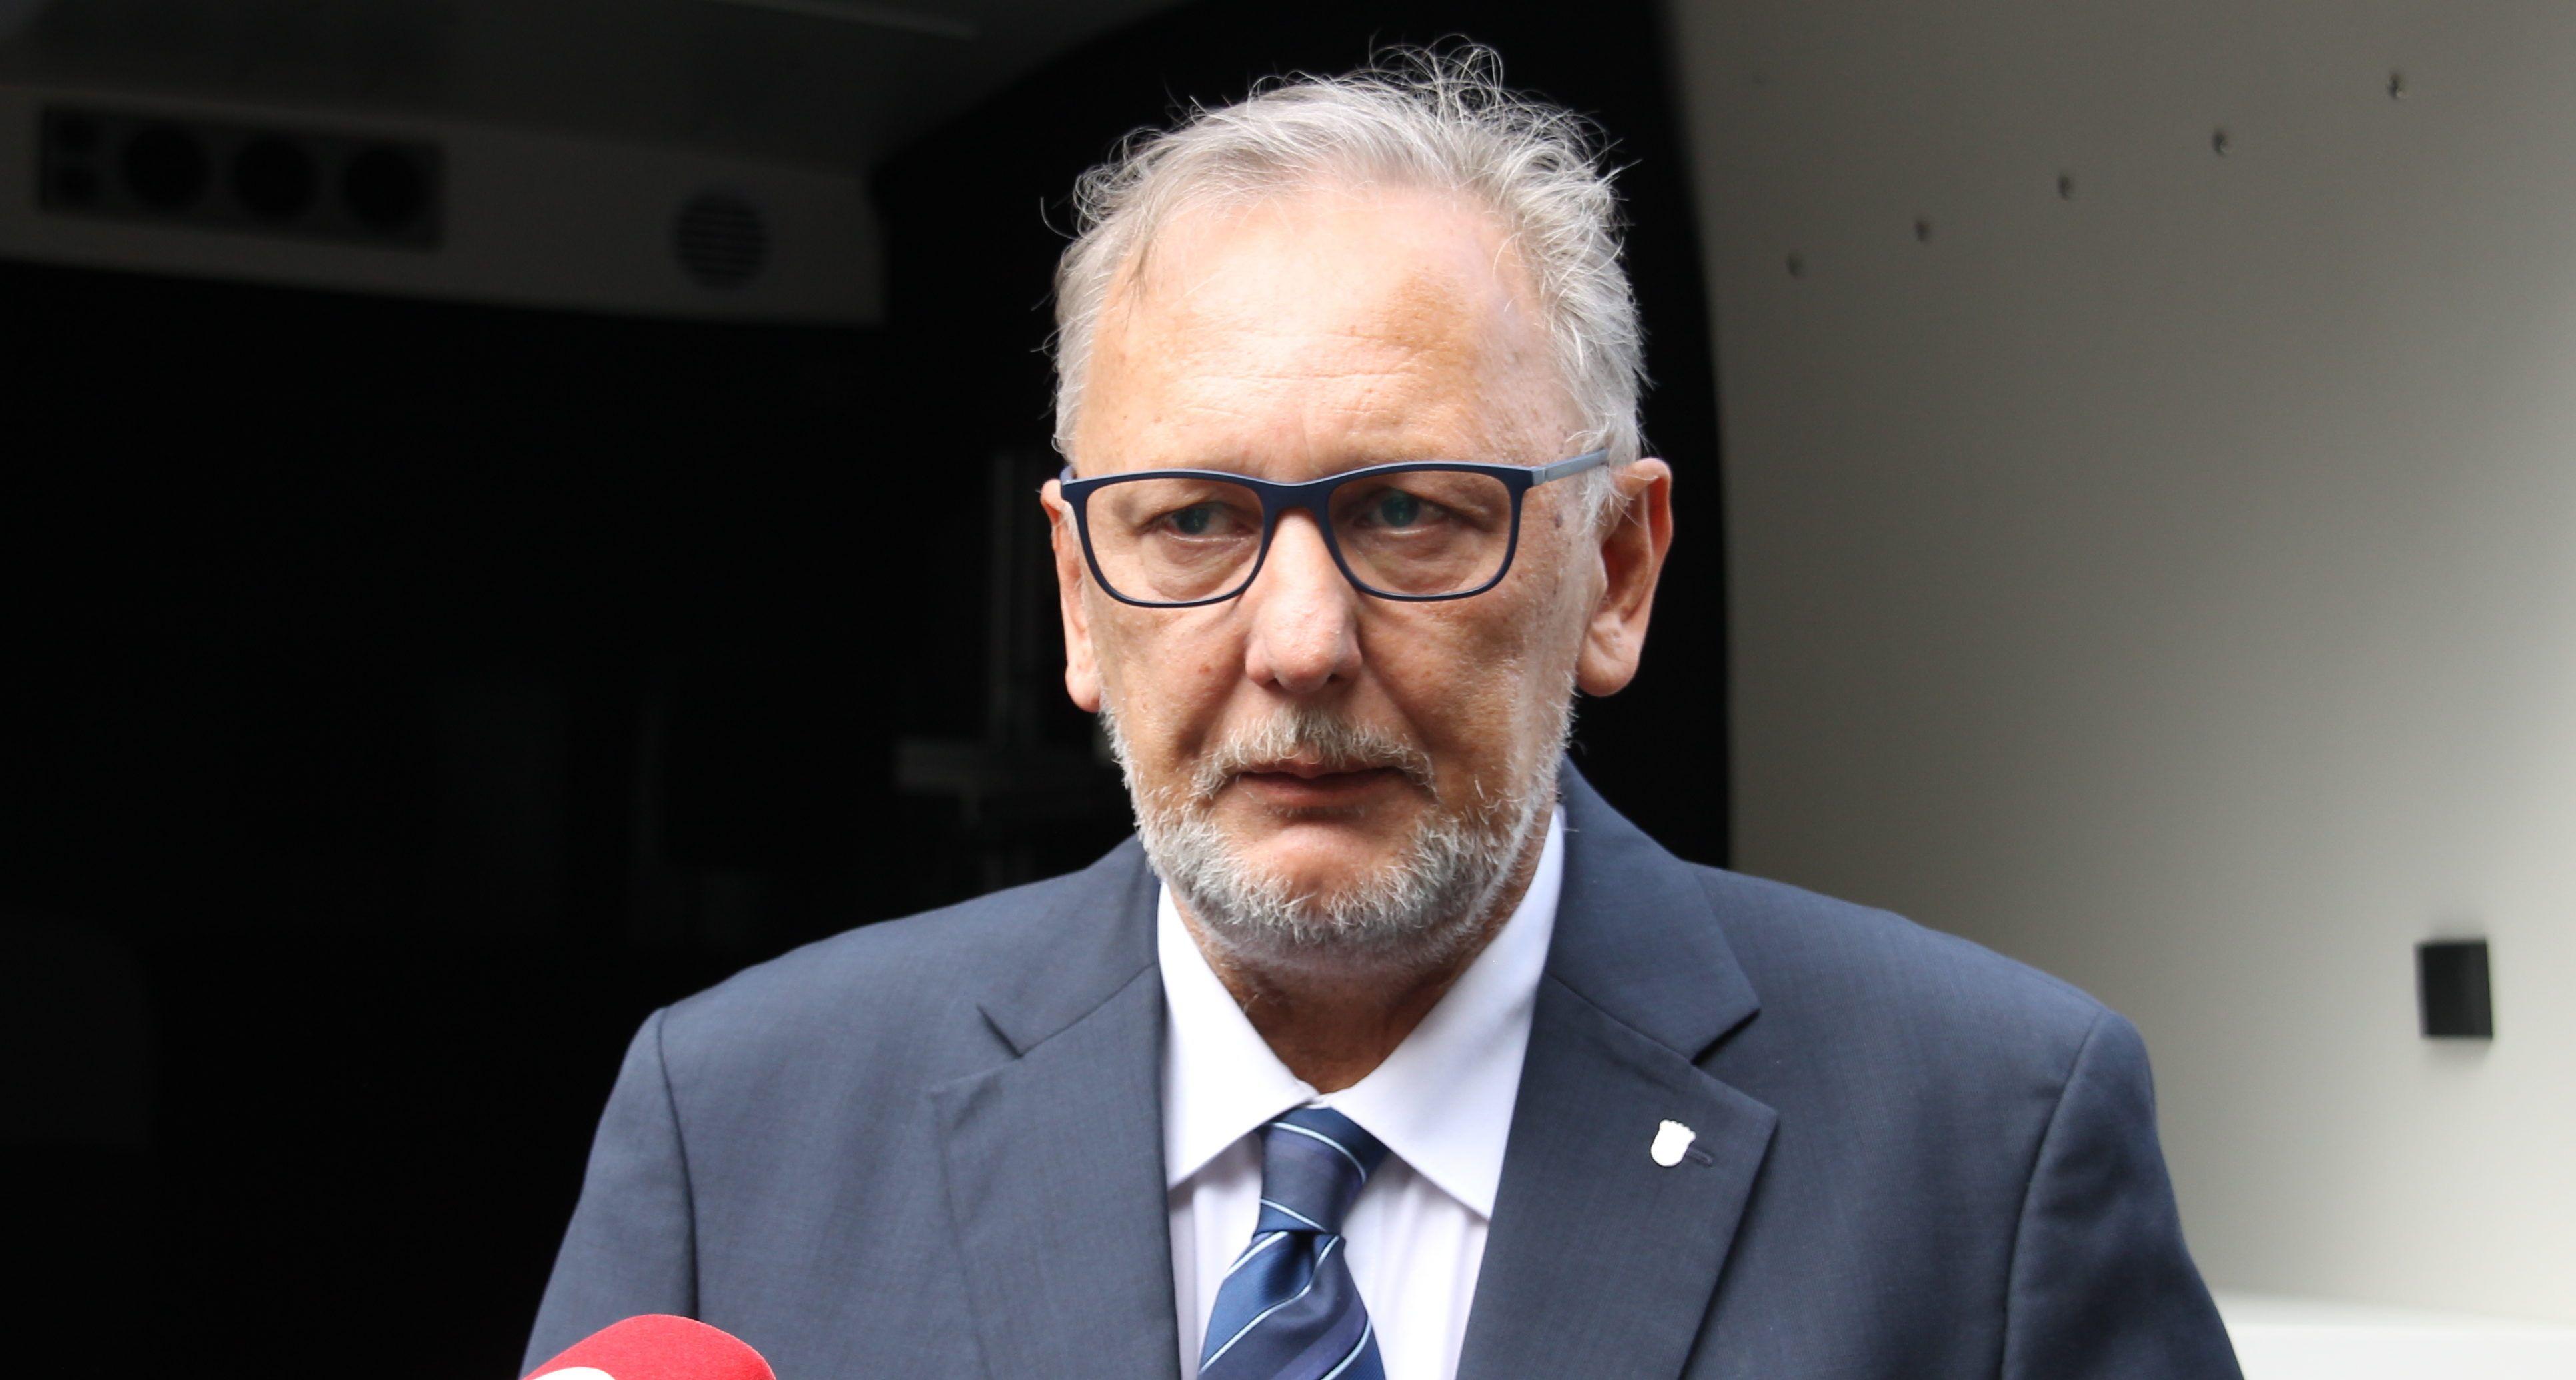 Božinović: Vlada i HDZ, kao vodeća stranka vladajuće većine, spremni na sve političke izazove, pa i na mogućnost prijevremenih parlamentarnih izbora